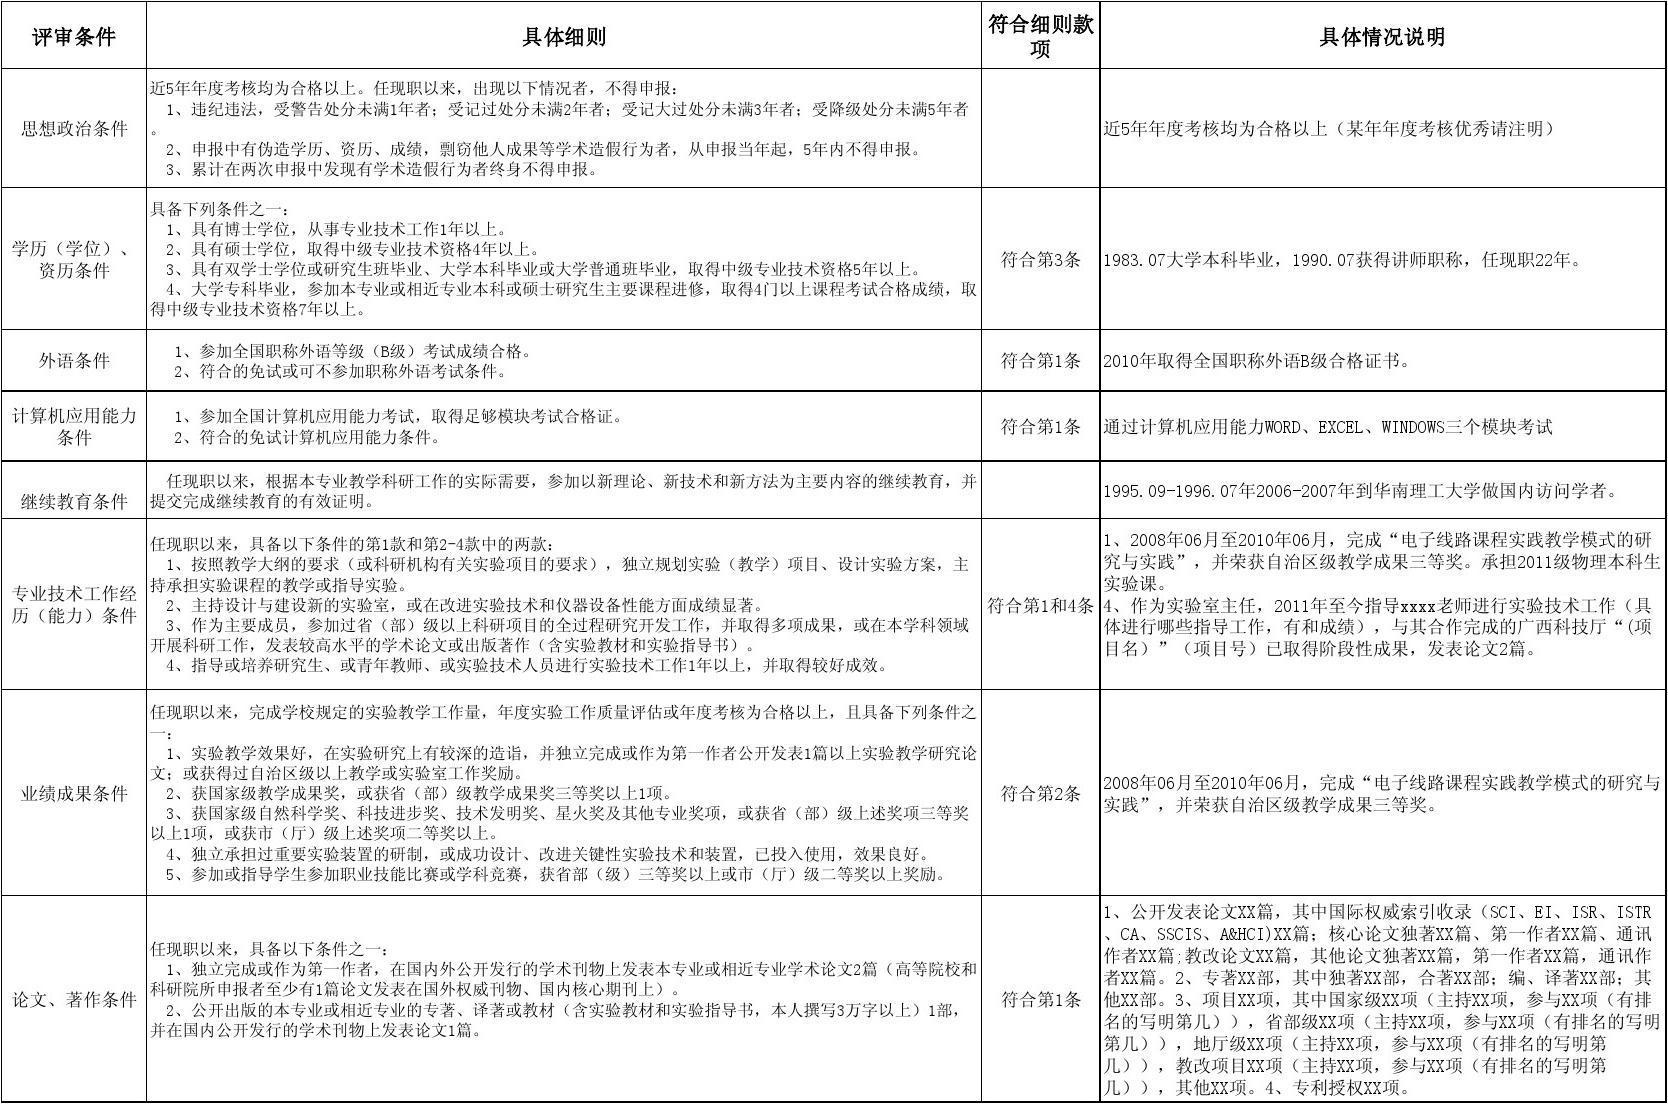 广西民族大学 高级实验师一览表